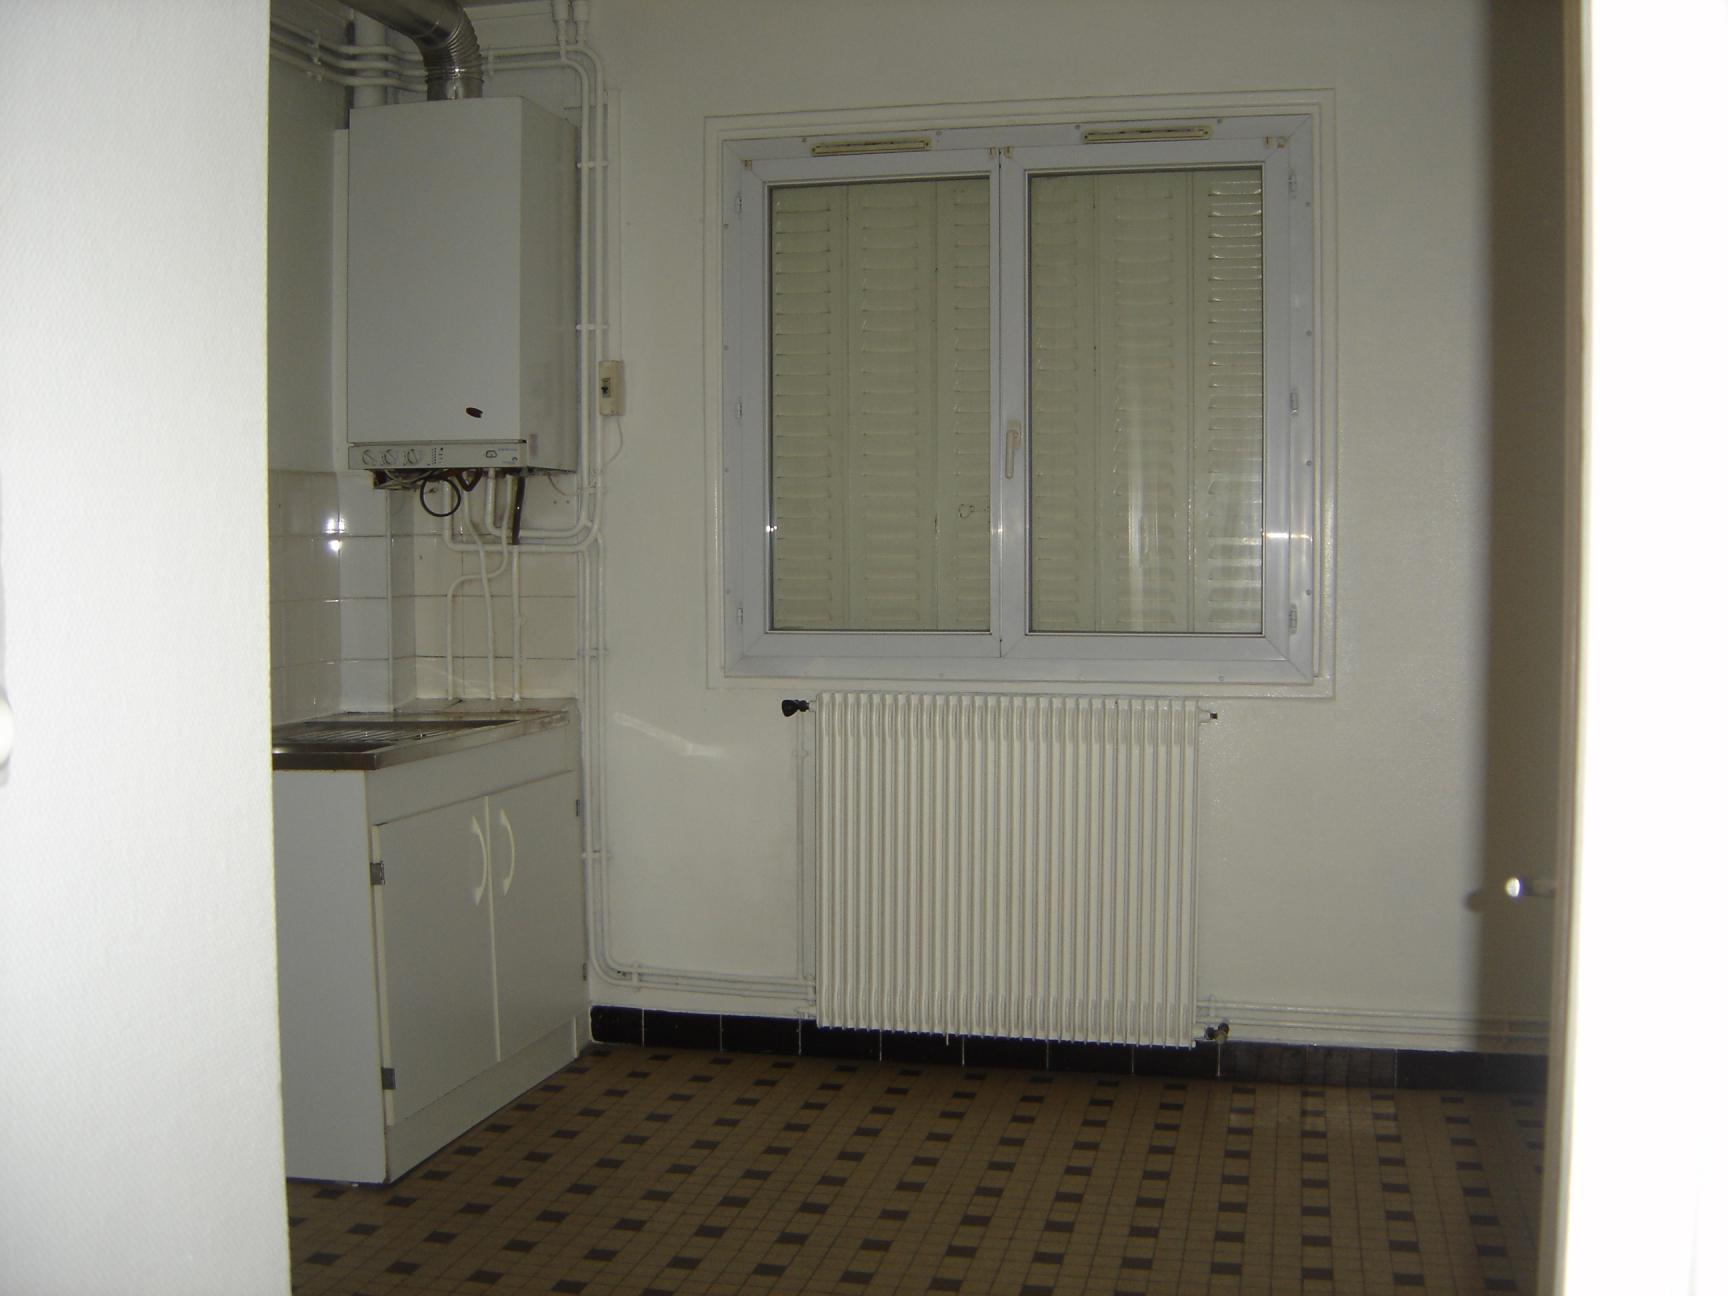 Edifiance le partenaire confiance appartement t3situ au rez de chauss e s - Rez de chaussee sureleve ...